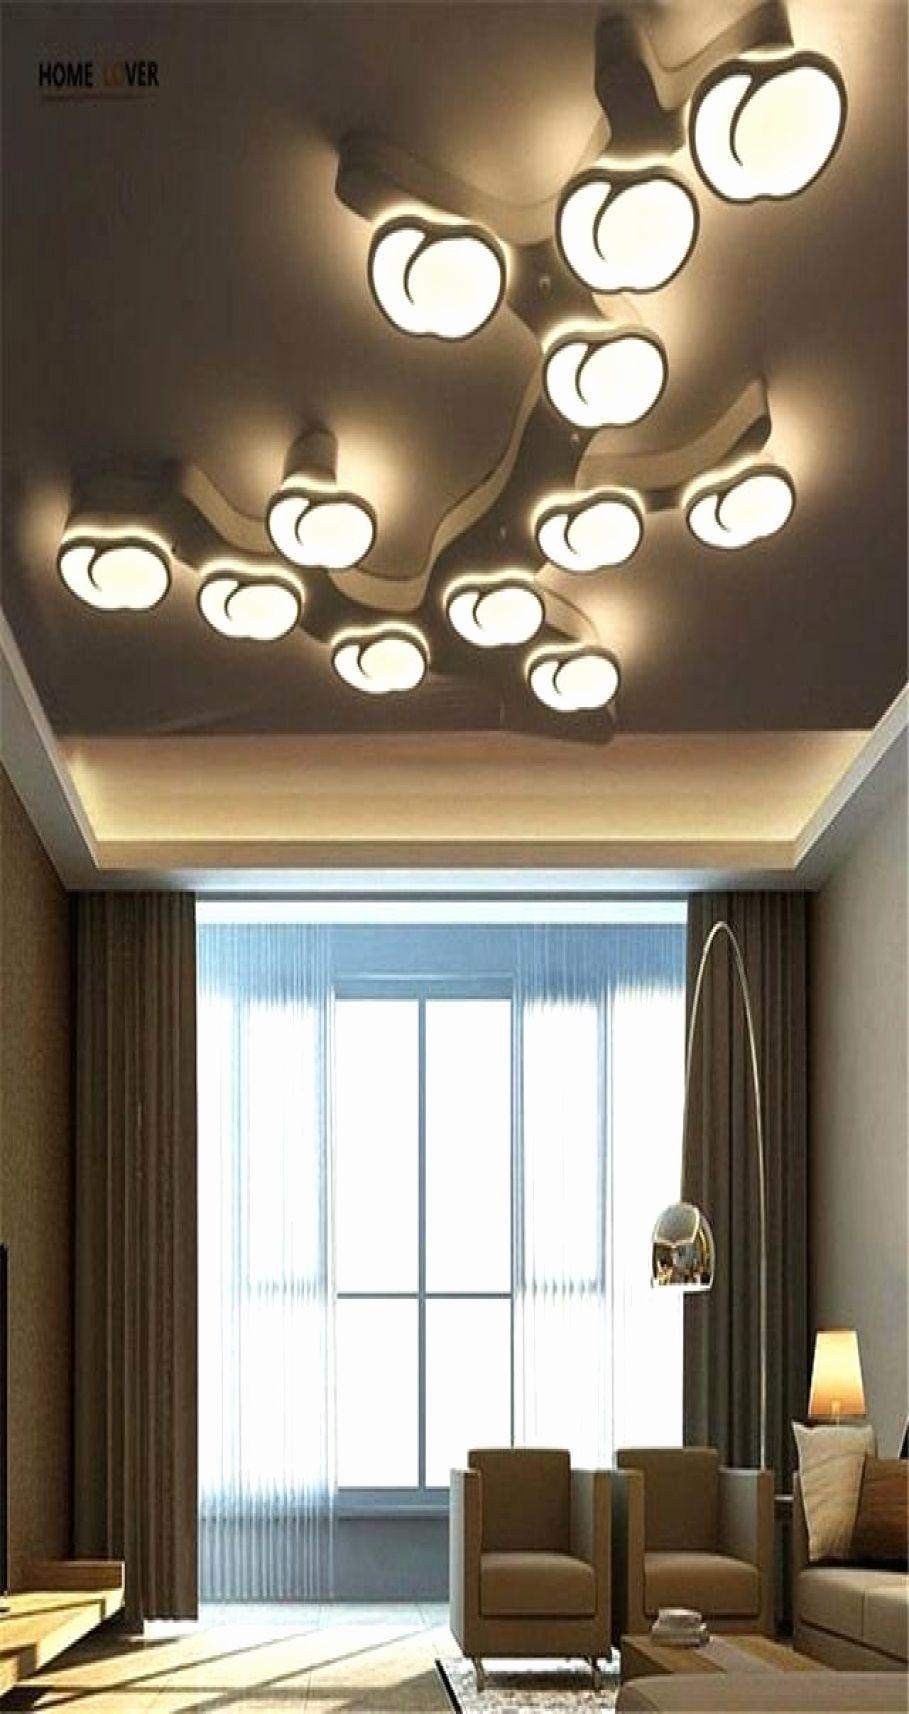 deckenleuchte schlafzimmer design deckenleuchte design